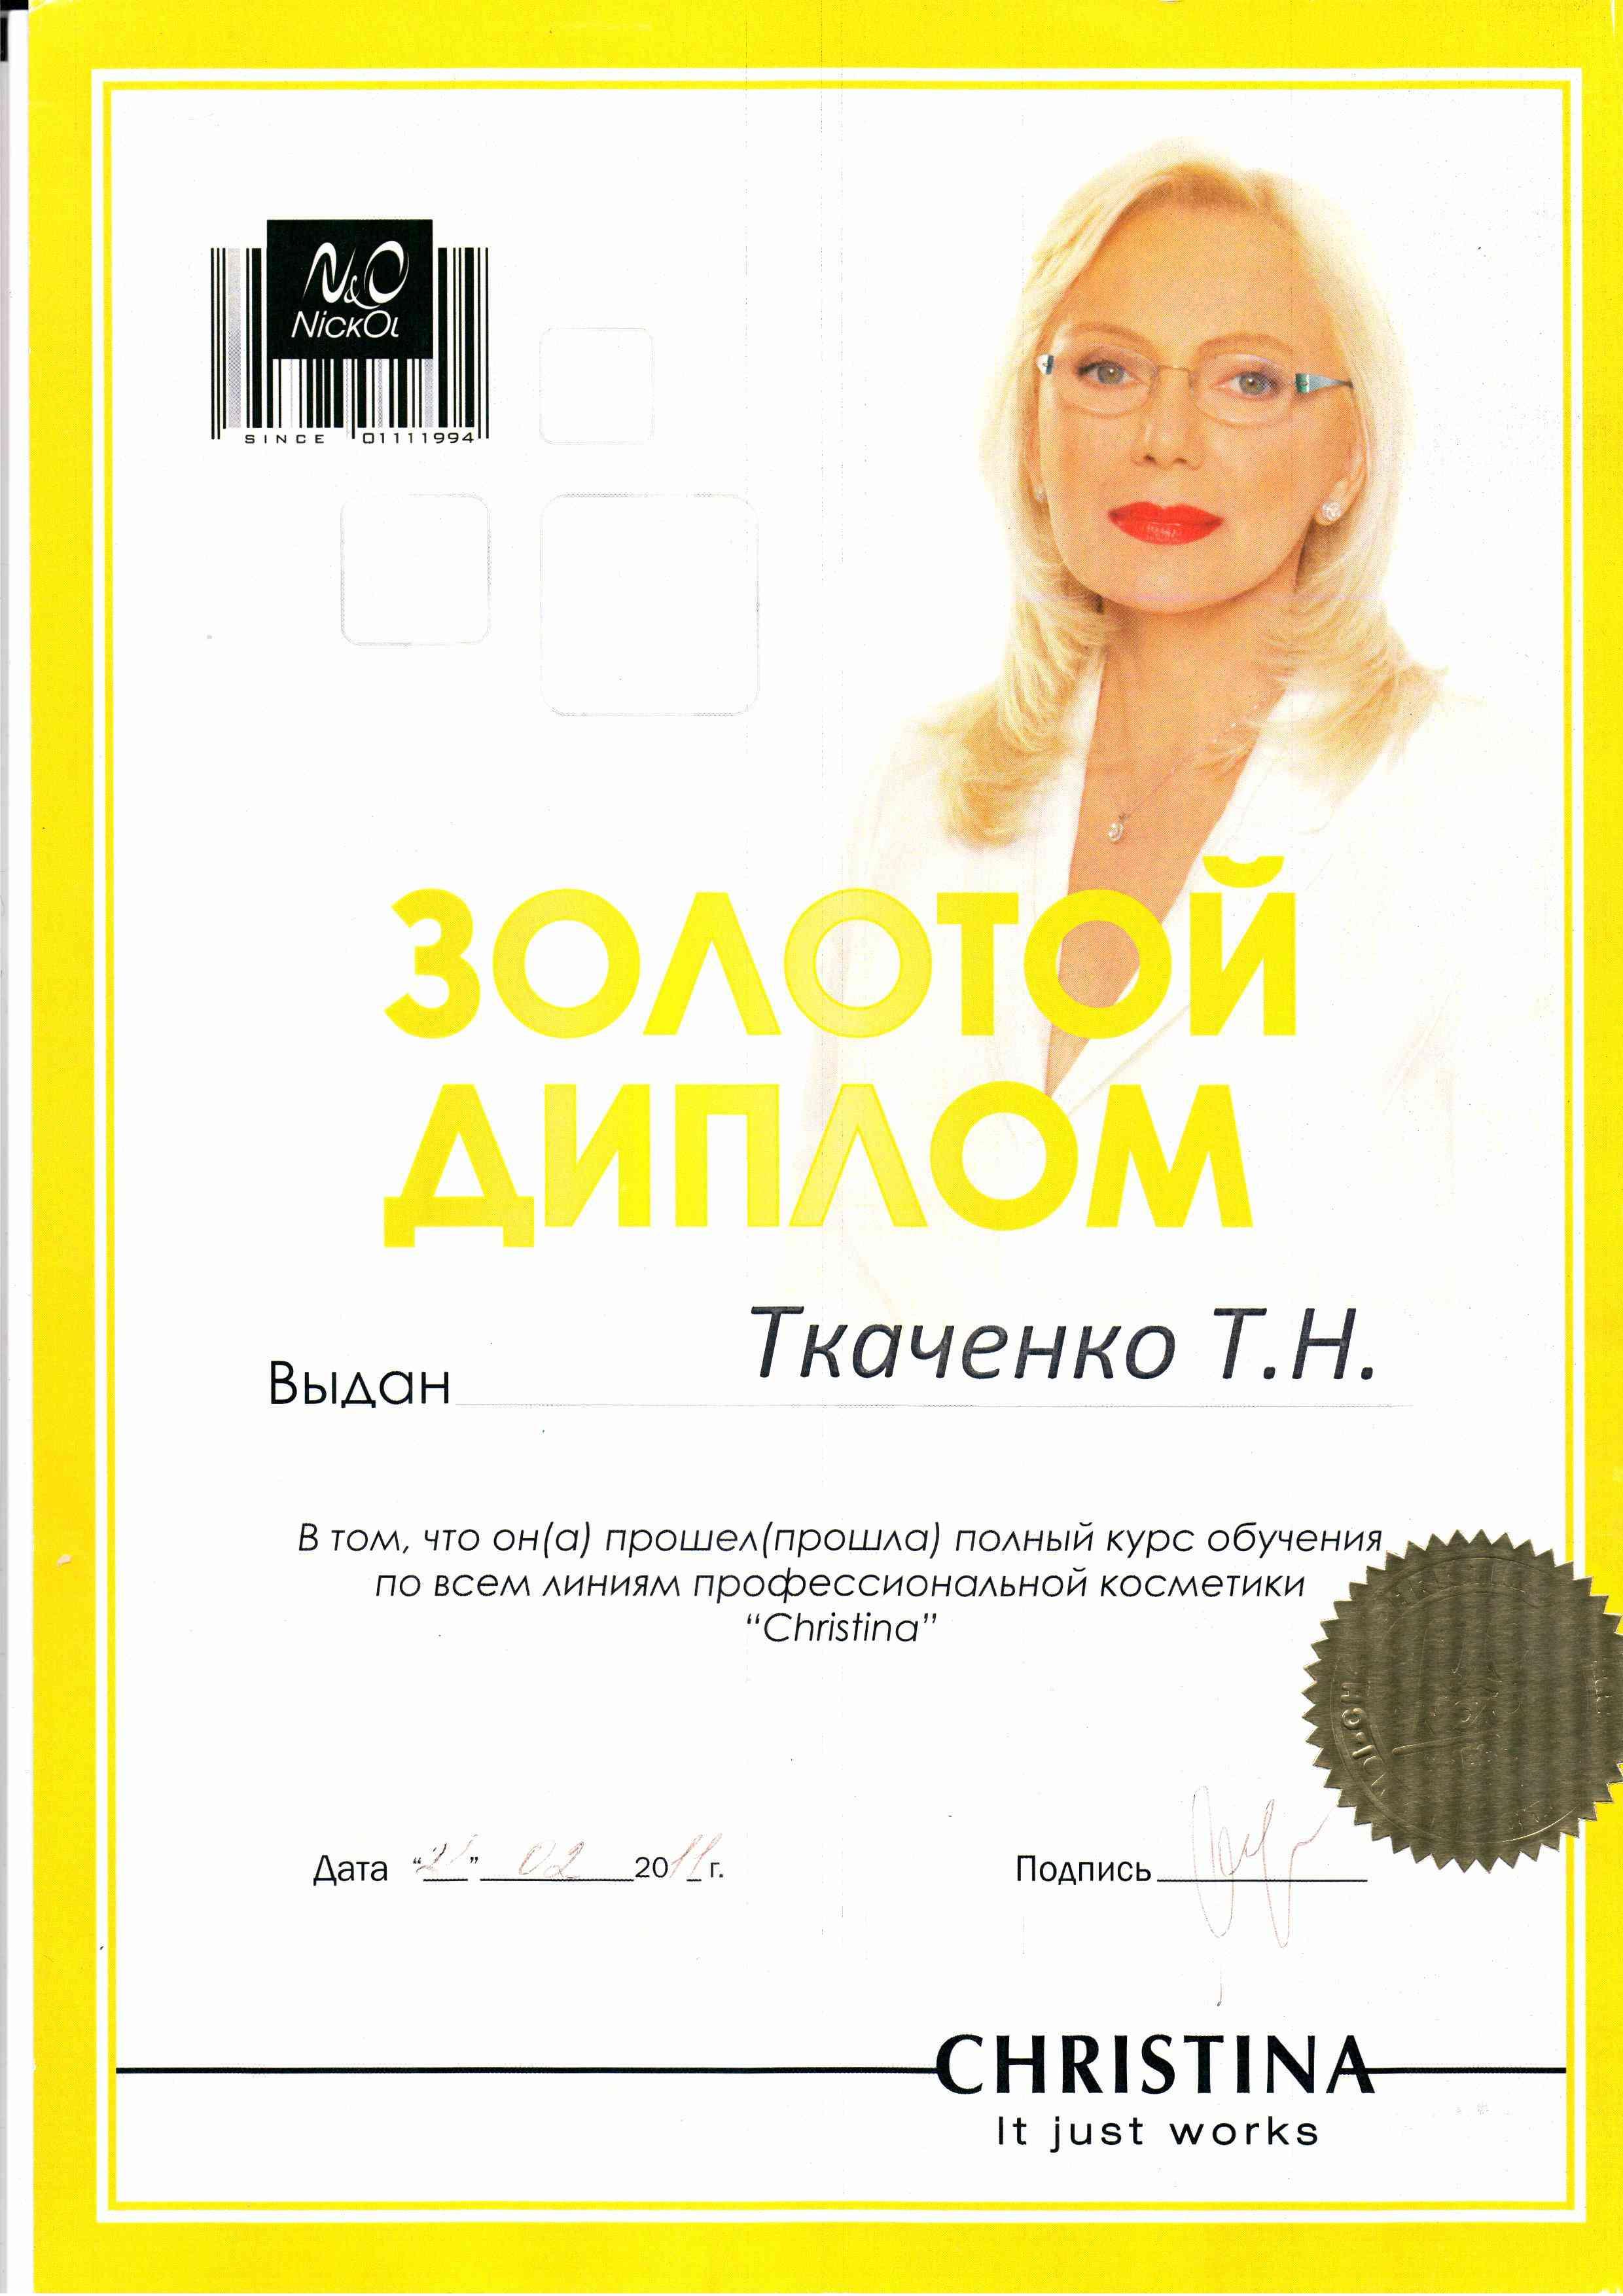 2011 Курс обучения по всем линиям профессиональной косметики Christina